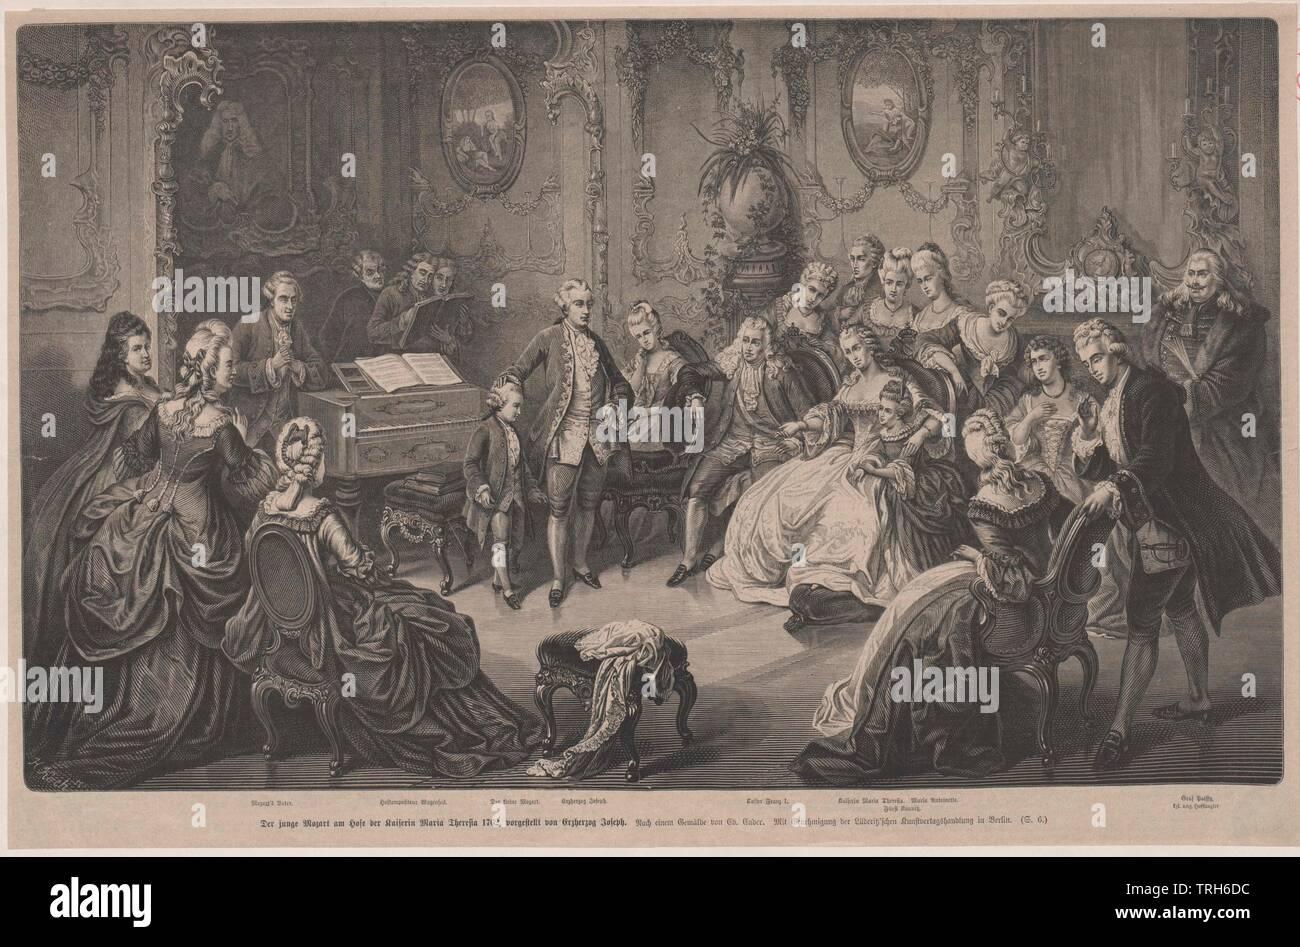 Mozart en Schönbrunn, Mozart de seis años en Schönbrunn, presentó a la pareja imperial por el Archiduque Joseph, el grabado en madera basada en la pintura de Eduard Ender,Foto de grupo, compositor, compositores, cultura, culturas, artista, artistas, músicos, personalidad, celebridades, músico, además, otros, clasicismo vienés, Habsburgo Lorena, Habsburgo - Lorena, de longitud completa, longitud completa, del siglo XVIII, la gente, el archiduque, archiduques, Additional-Rights-Clearance-Info-Not-Available Imagen De Stock